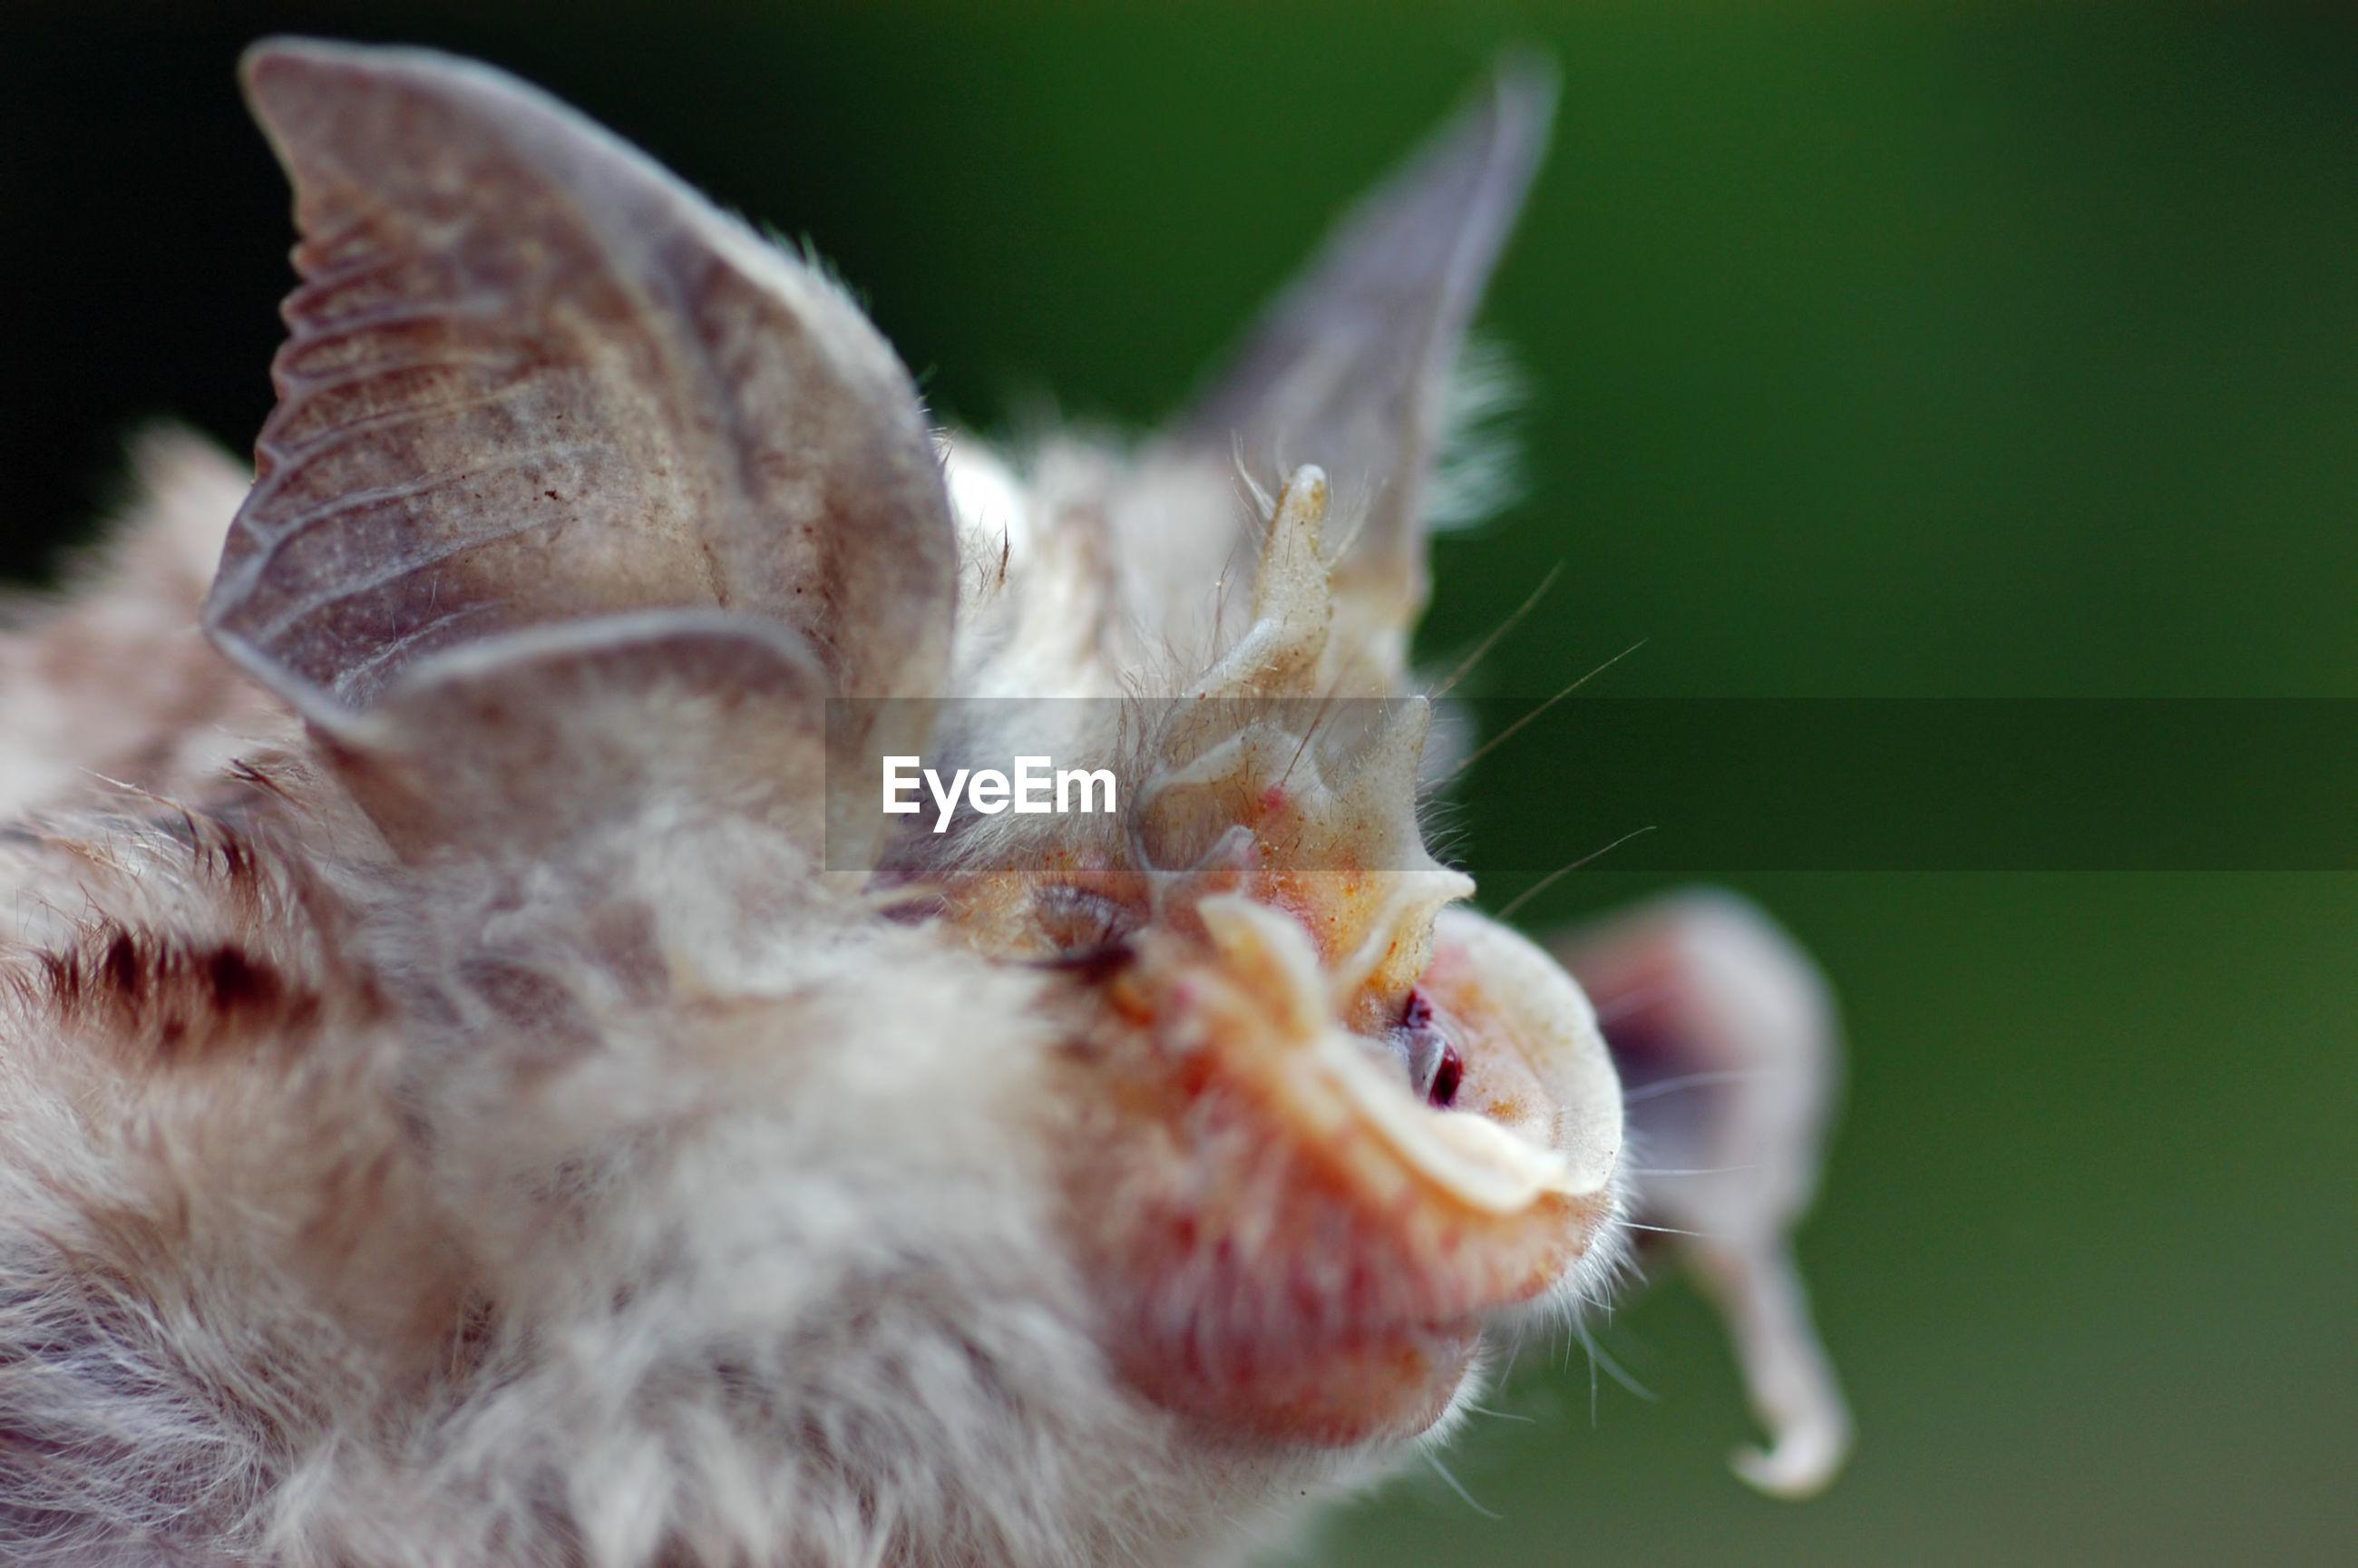 Close-up of bat outdoors